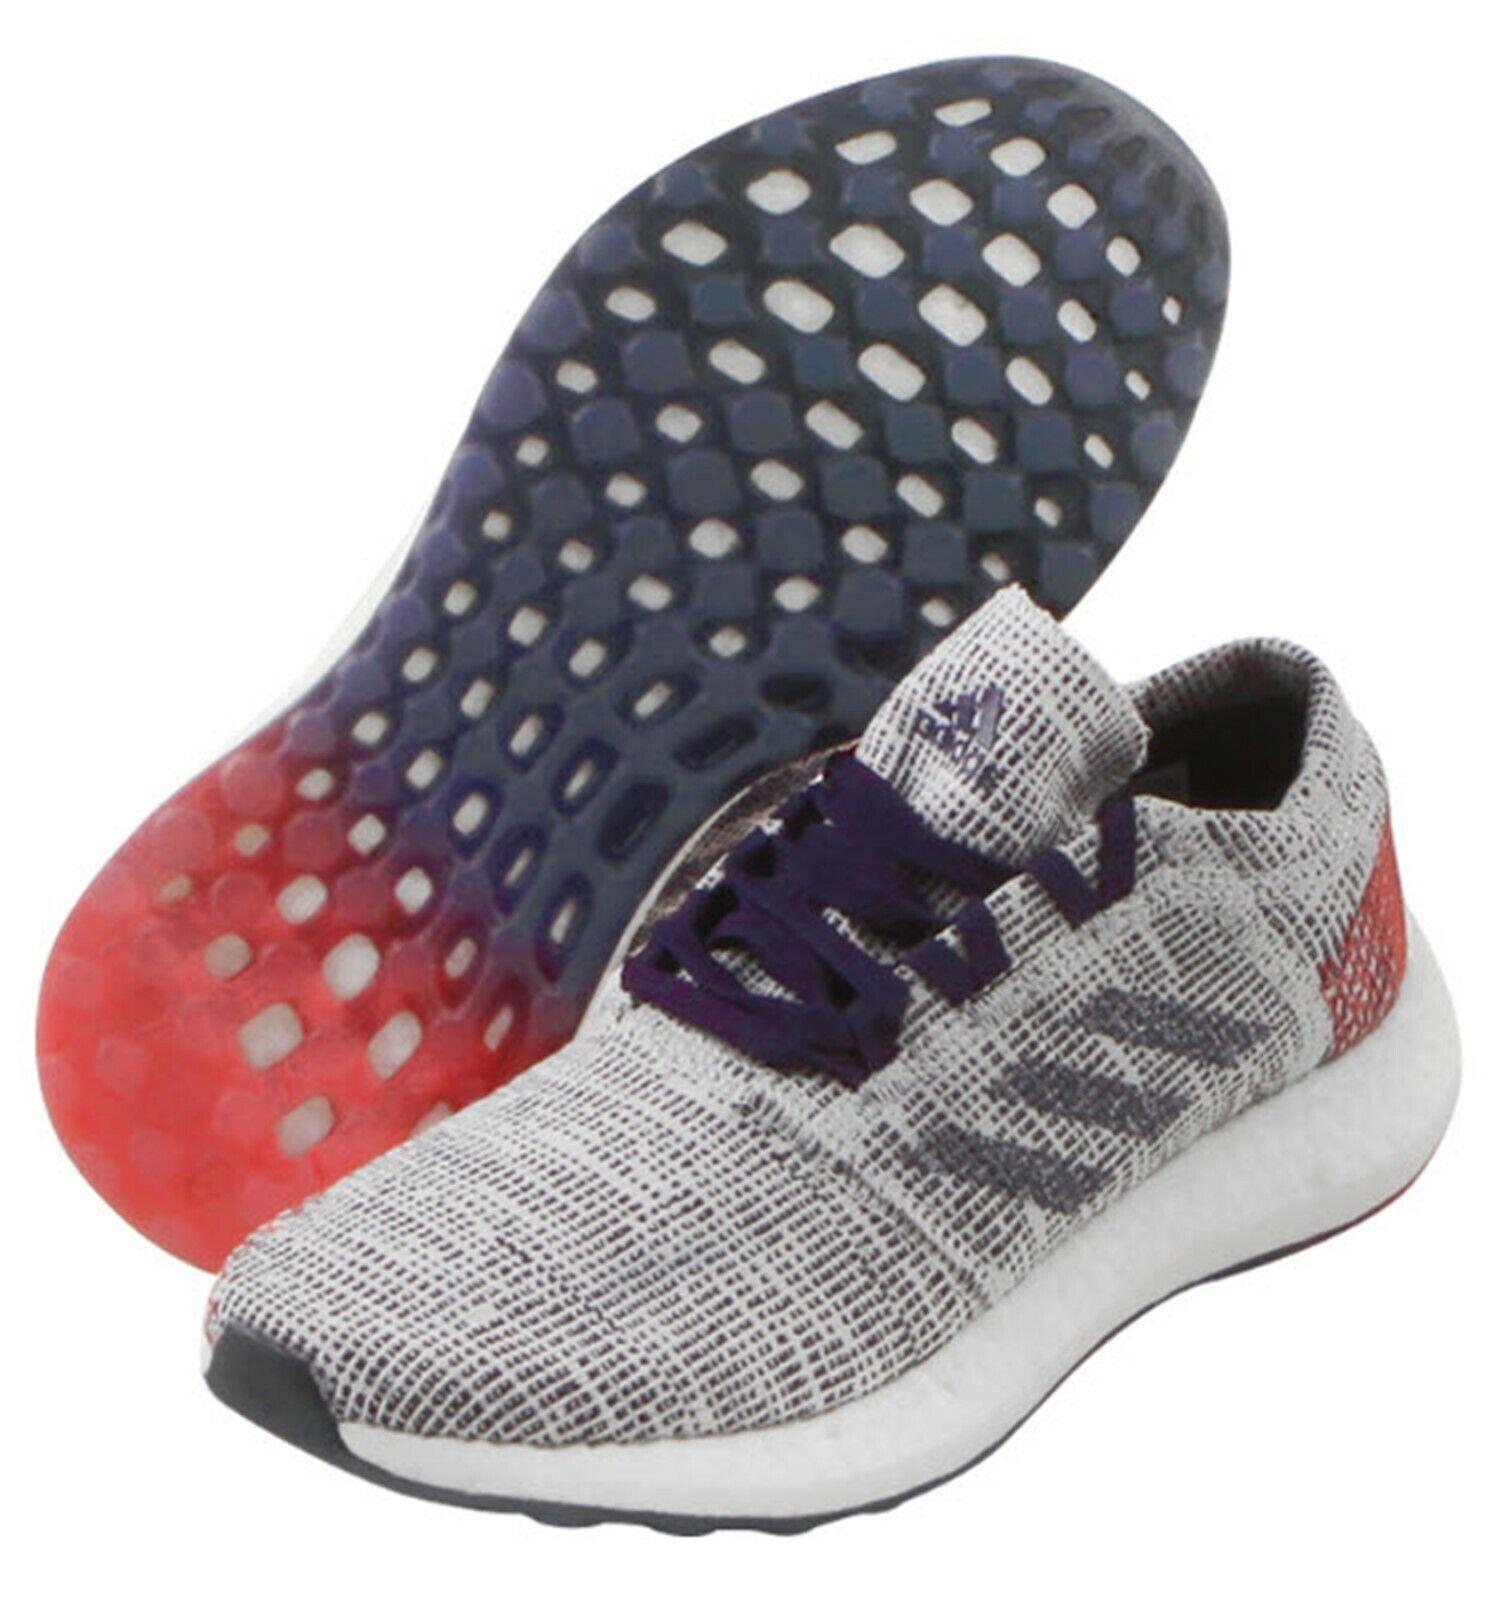 Adidas daSie PureBoost GO Schuhe Laufende Graue Laufschuhe Stiefelschuhe B75826